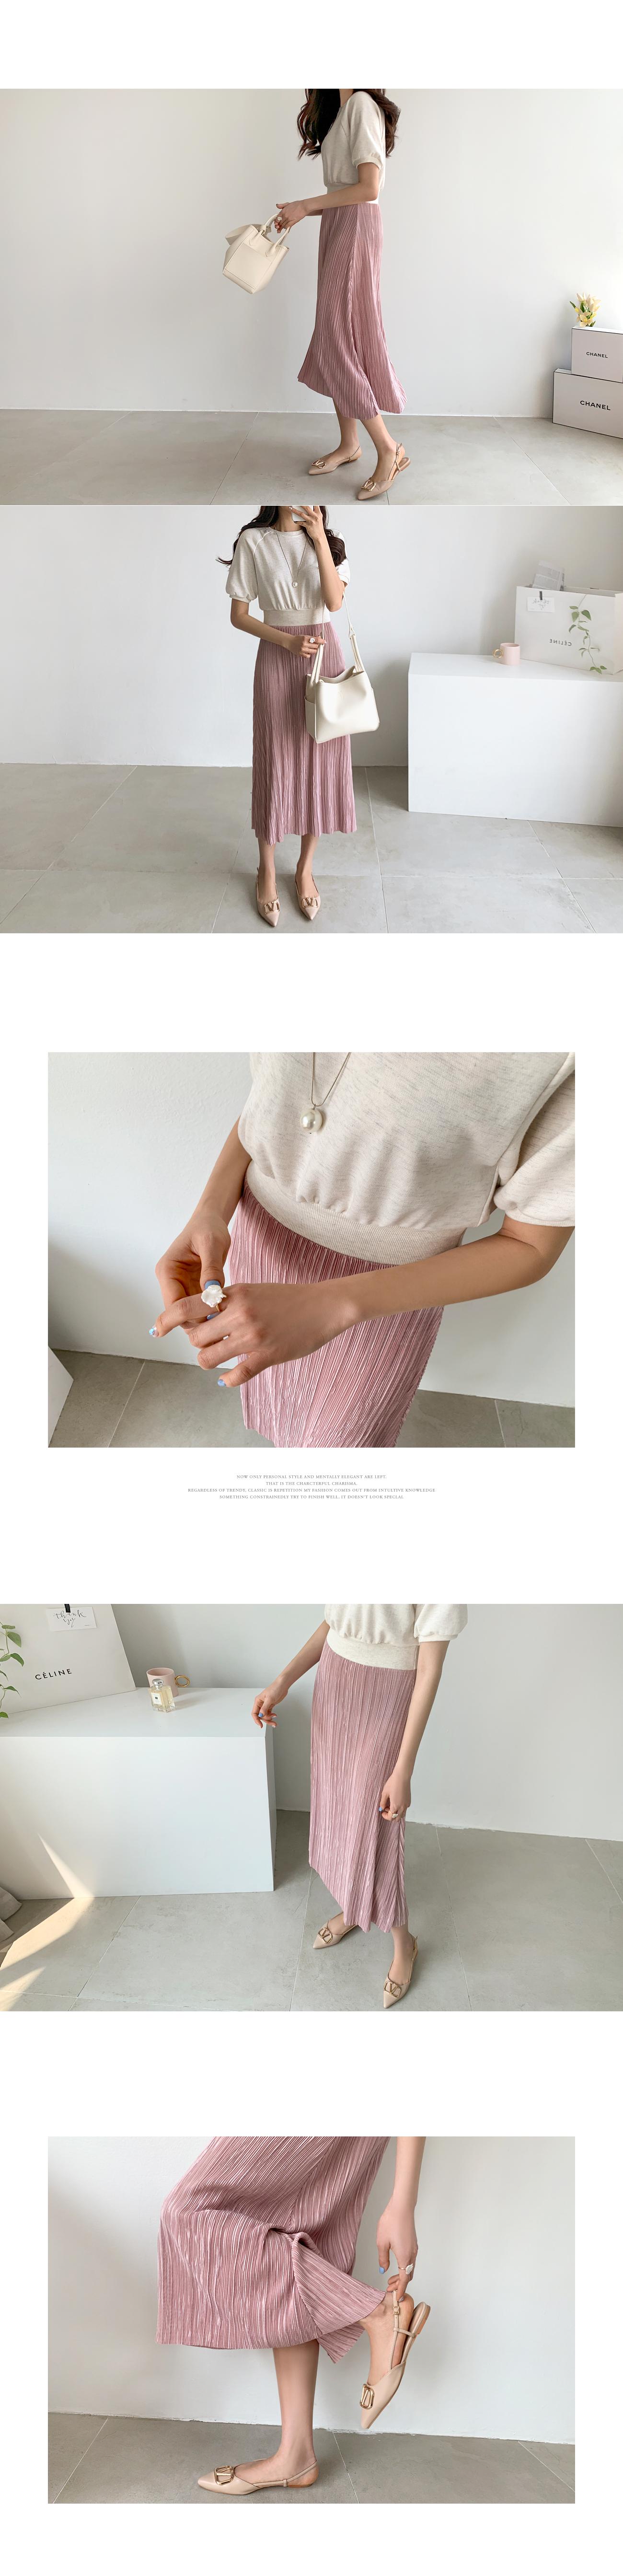 2-in-1 wrinkle long dress #37491